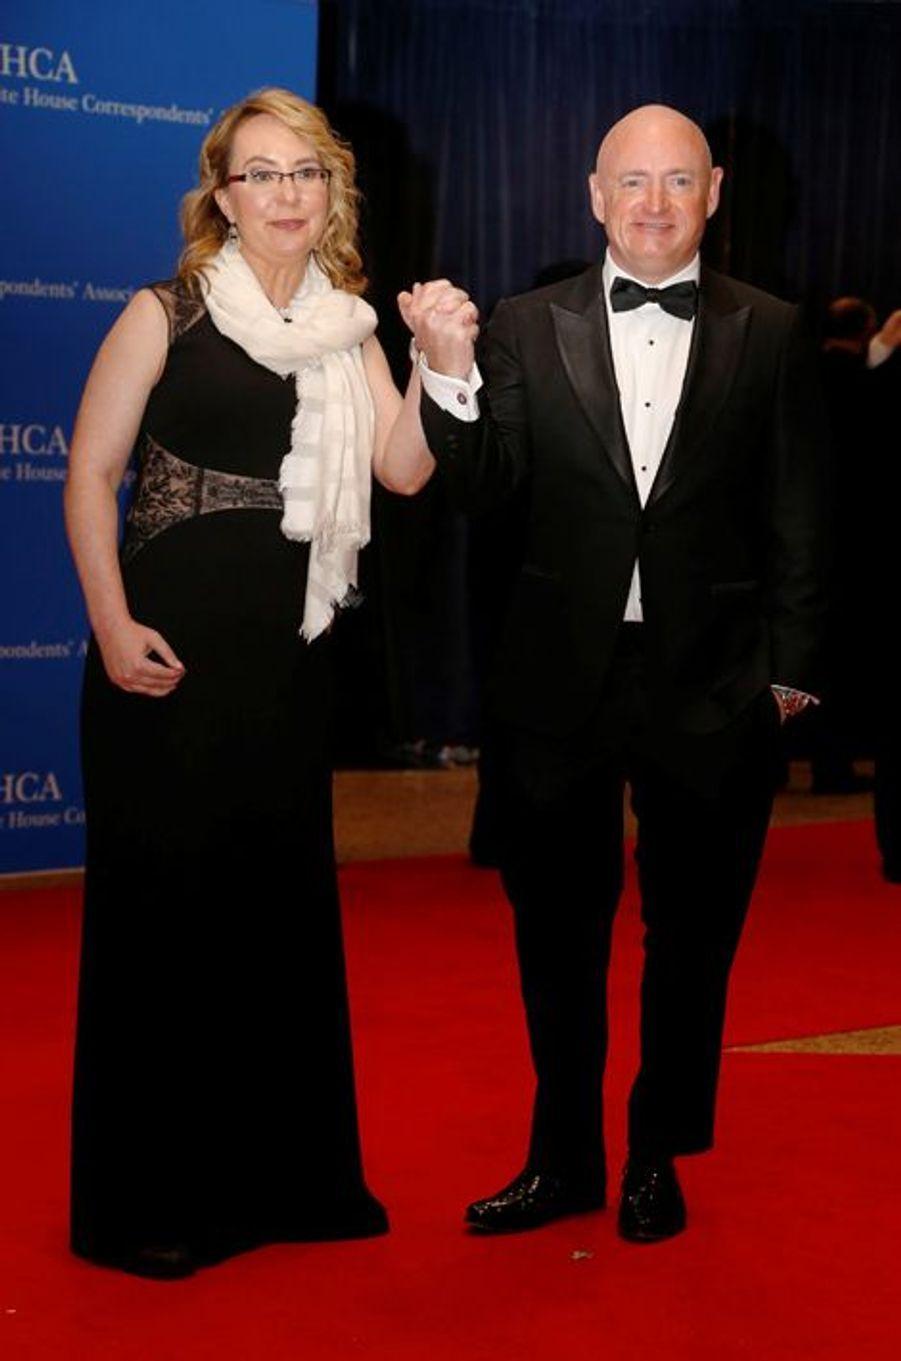 Gabrielle Giffords et Mark Kelly au dîner des Correspondants à la Maison Blanche, le 30 avril 2016 à Washington.